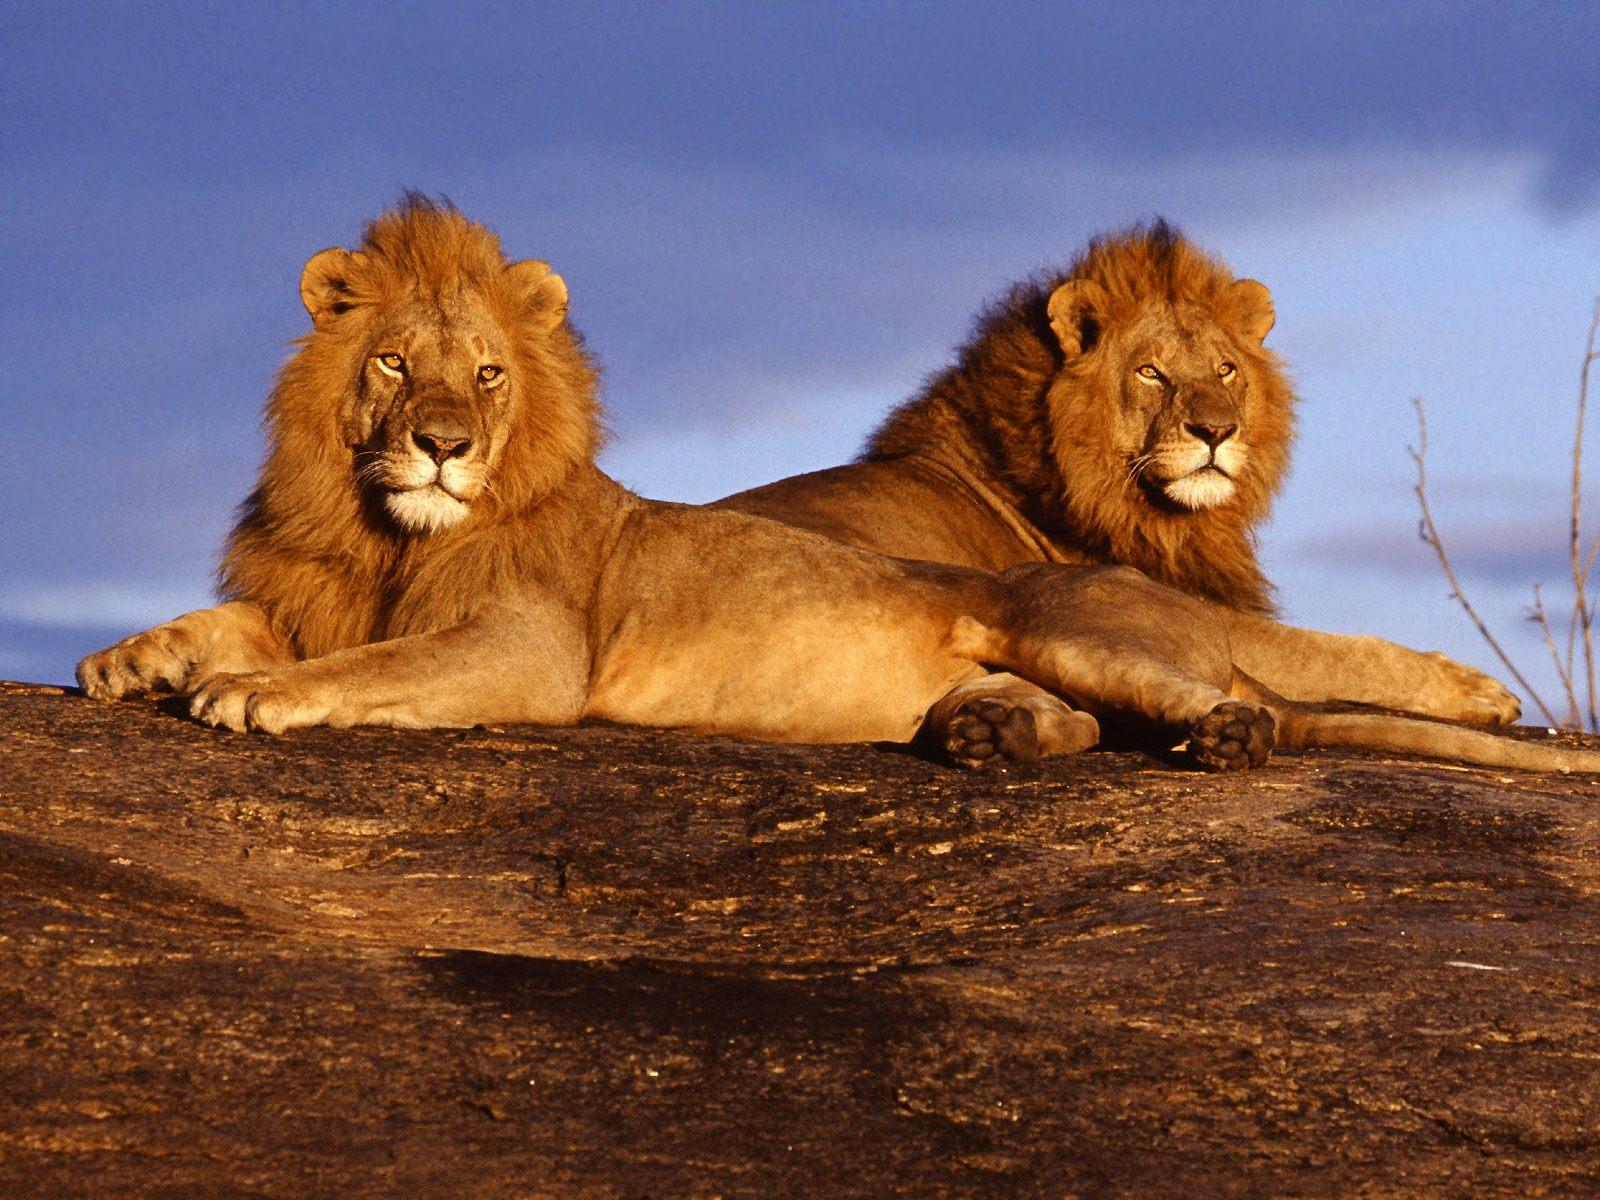 http://2.bp.blogspot.com/-j0Nd3nptXo4/T4L2HPwF9FI/AAAAAAAAACU/D5wvF_mm1S0/s1600/African+Lions+Masai+Mara+Kenya.jpg